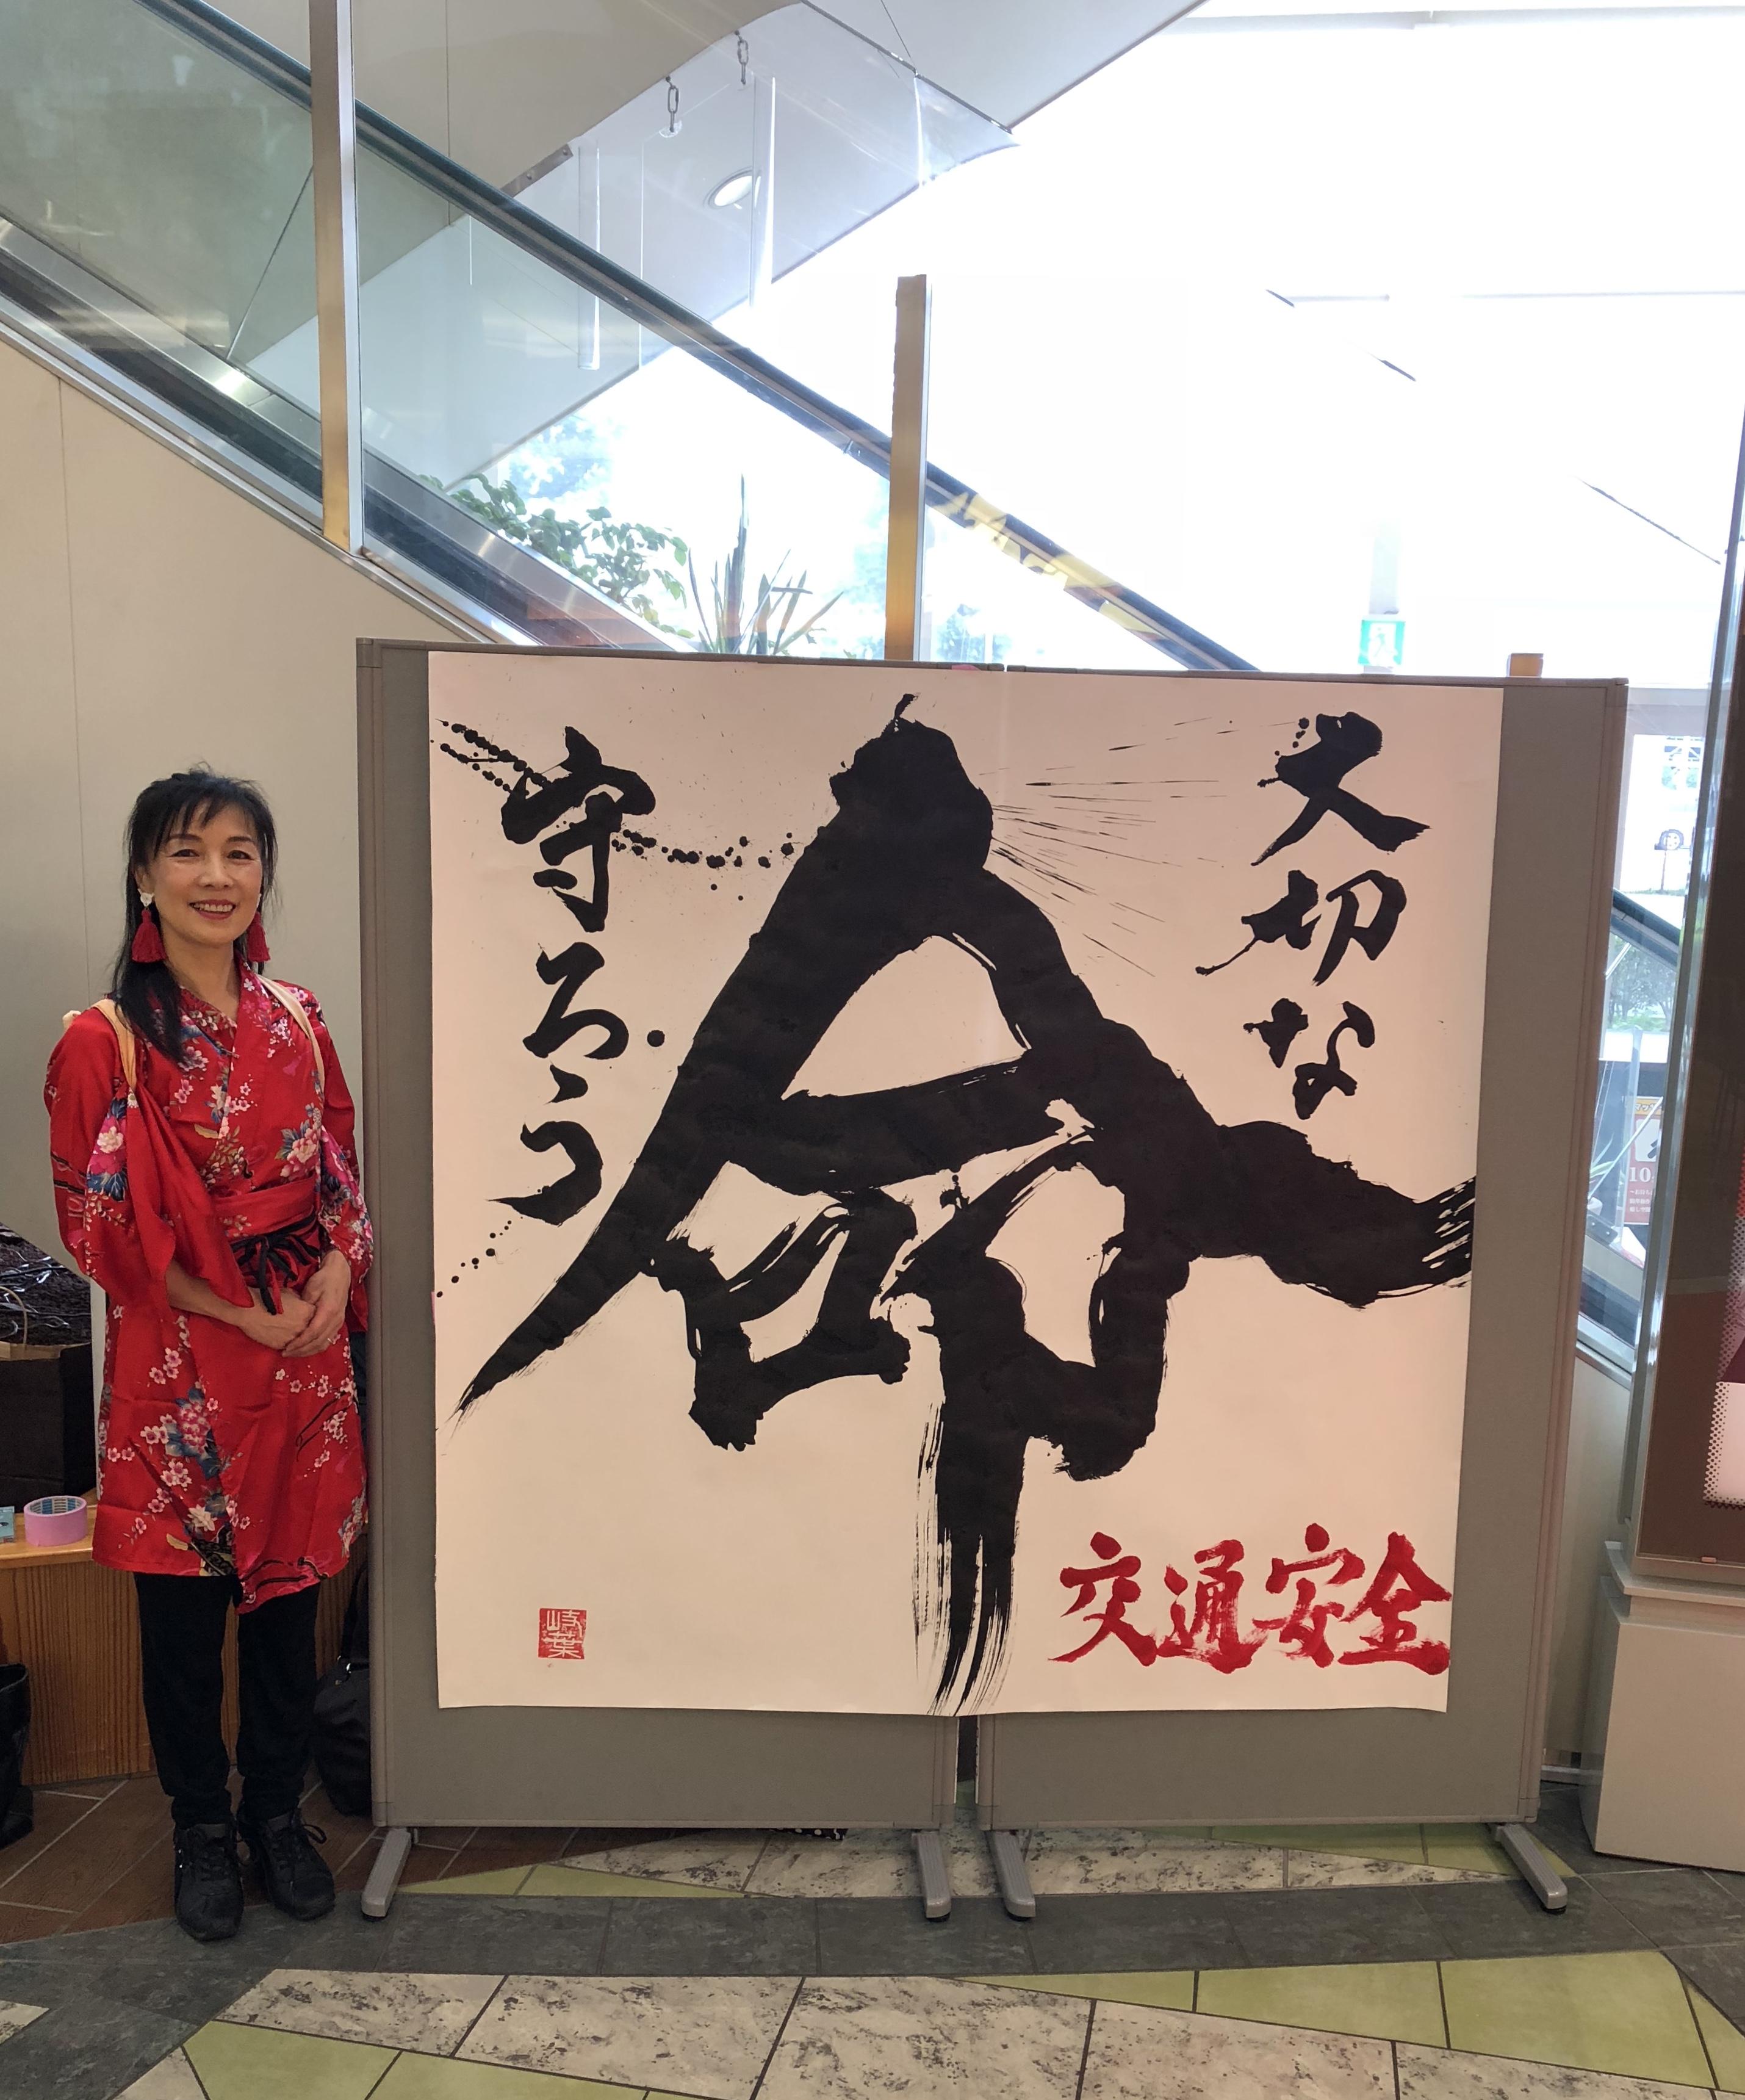 2018.9.30千葉県交通安全イベント1-1